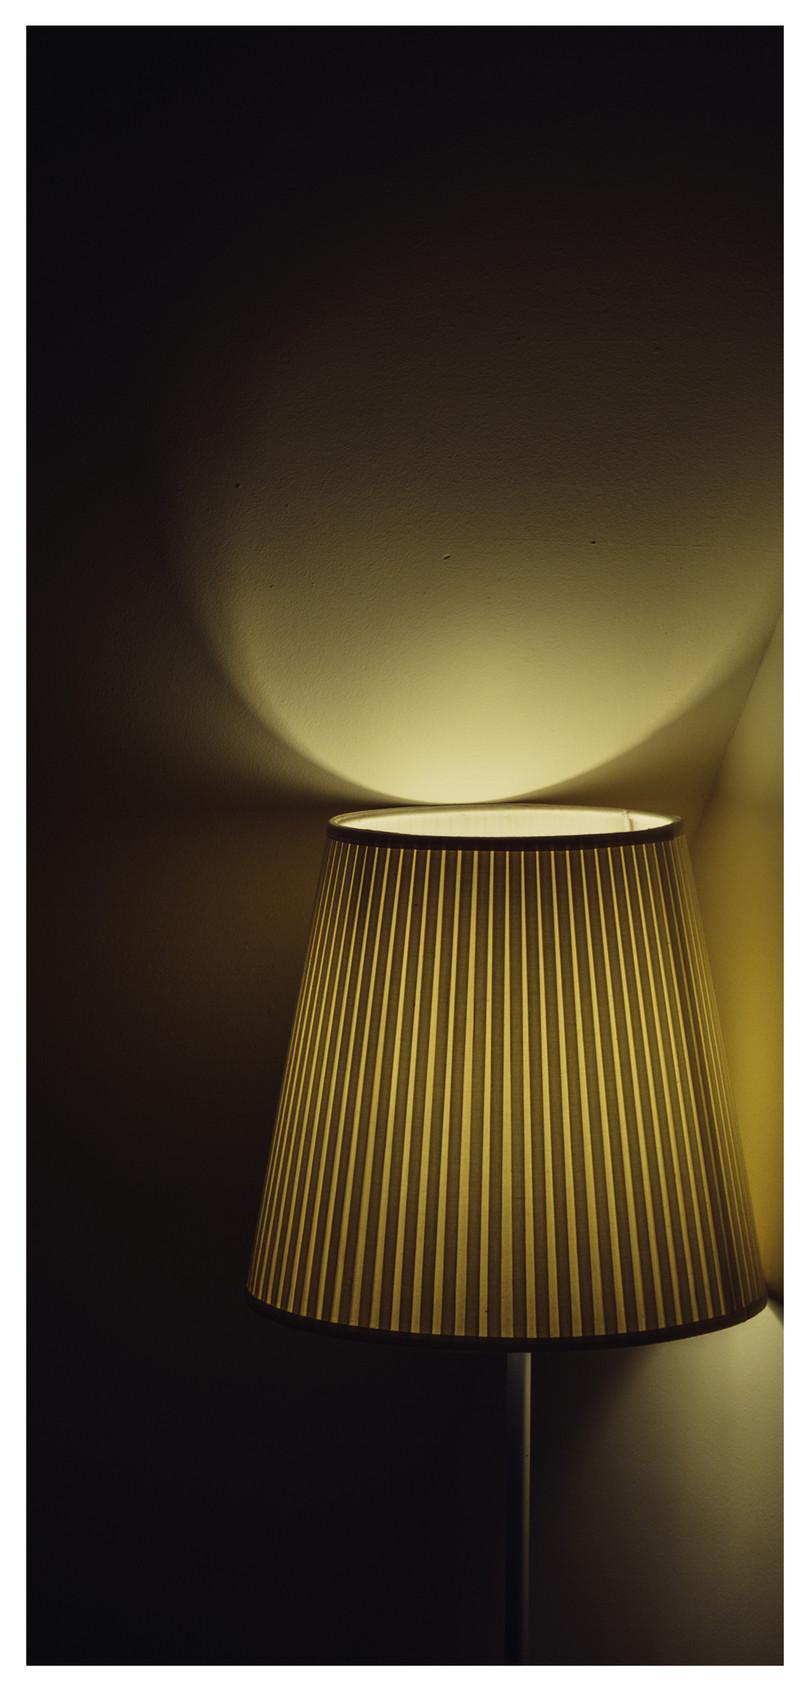 暖かいテーブルランプの携帯電話の壁紙イメージ 背景 Id 400530296 Prf